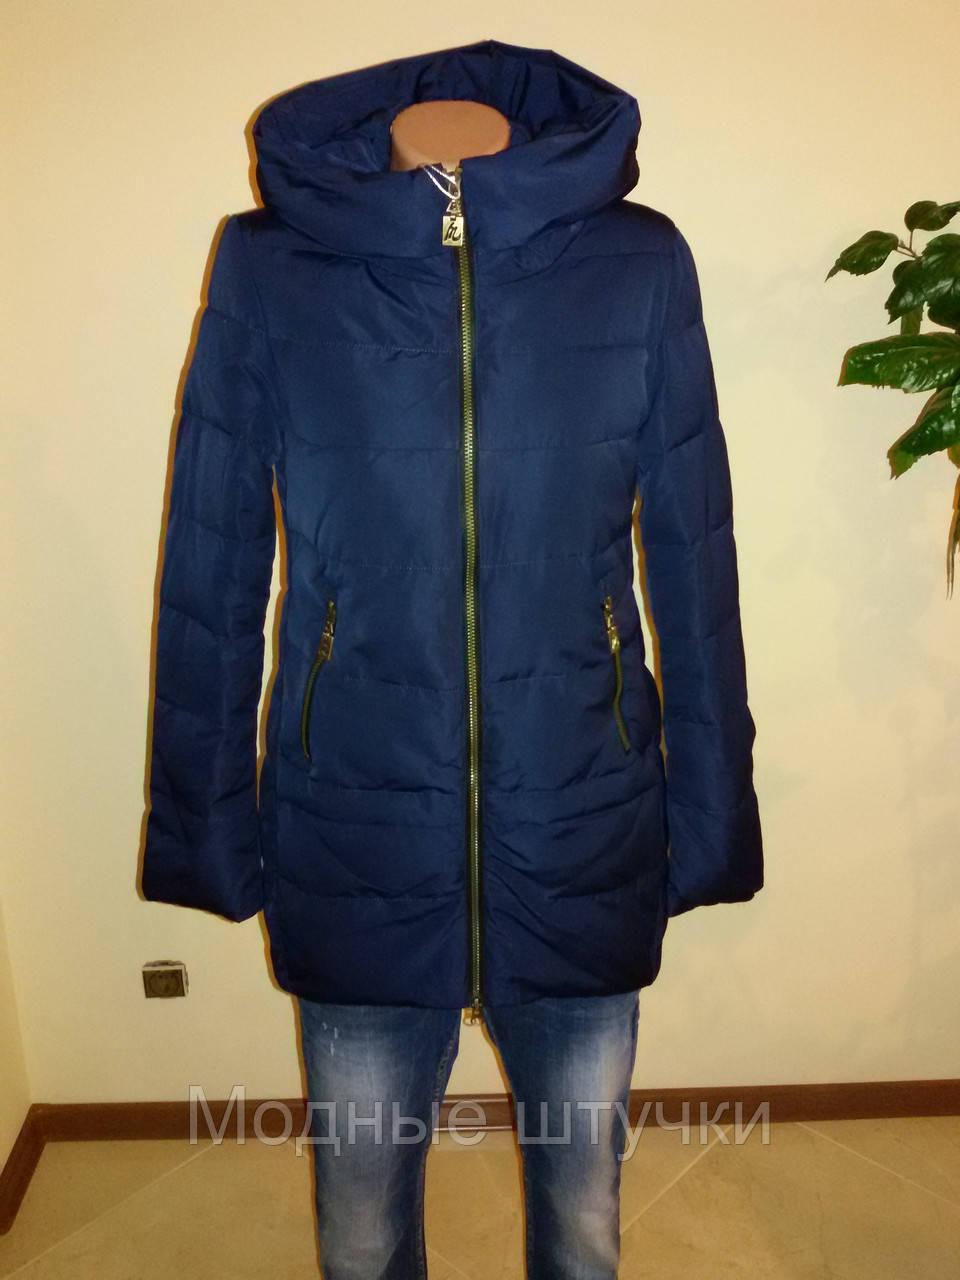 ef5f5b8935d Демисезонная женская куртка синяя Meajiateer 16-07